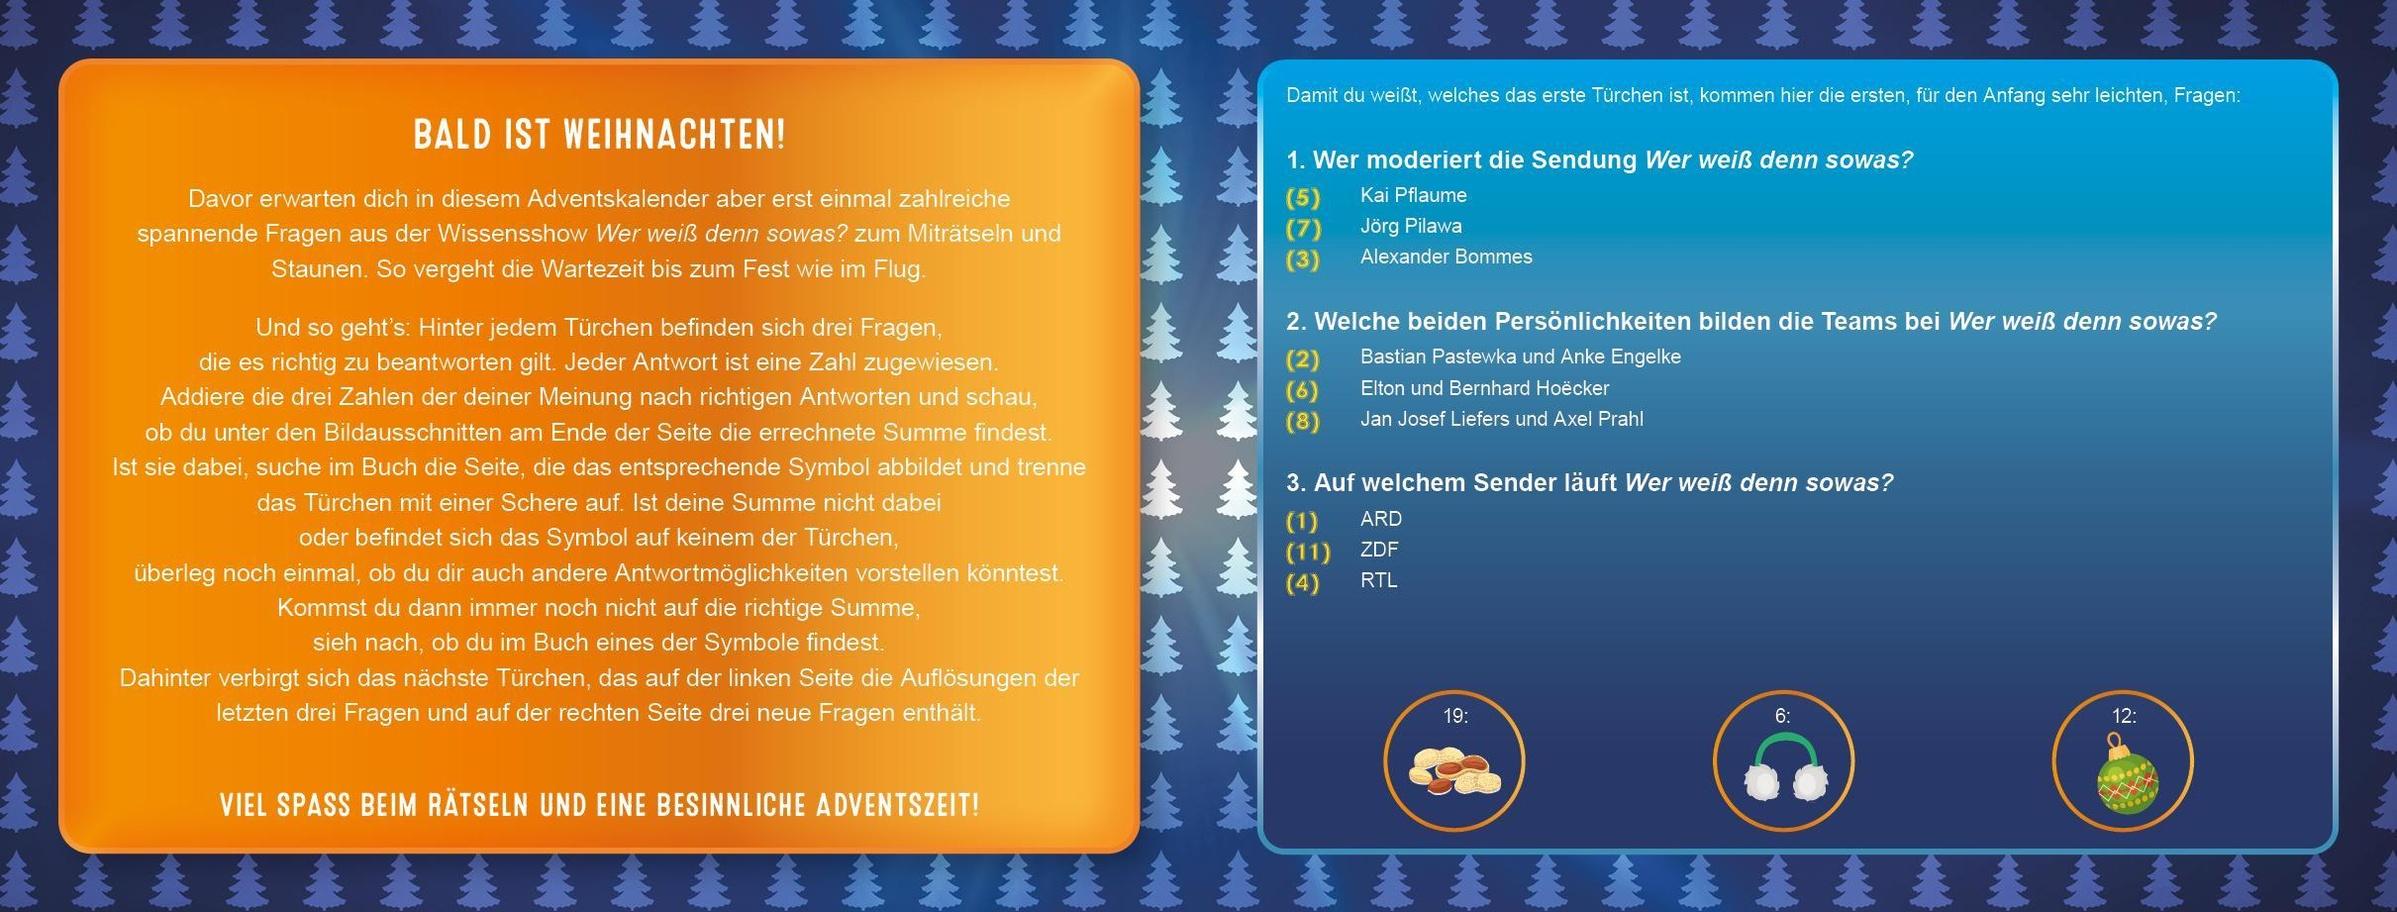 Wer Weiss Denn Sowas Der Adventskalender Buch Jetzt Online Bei Weltbild Ch Bestellen